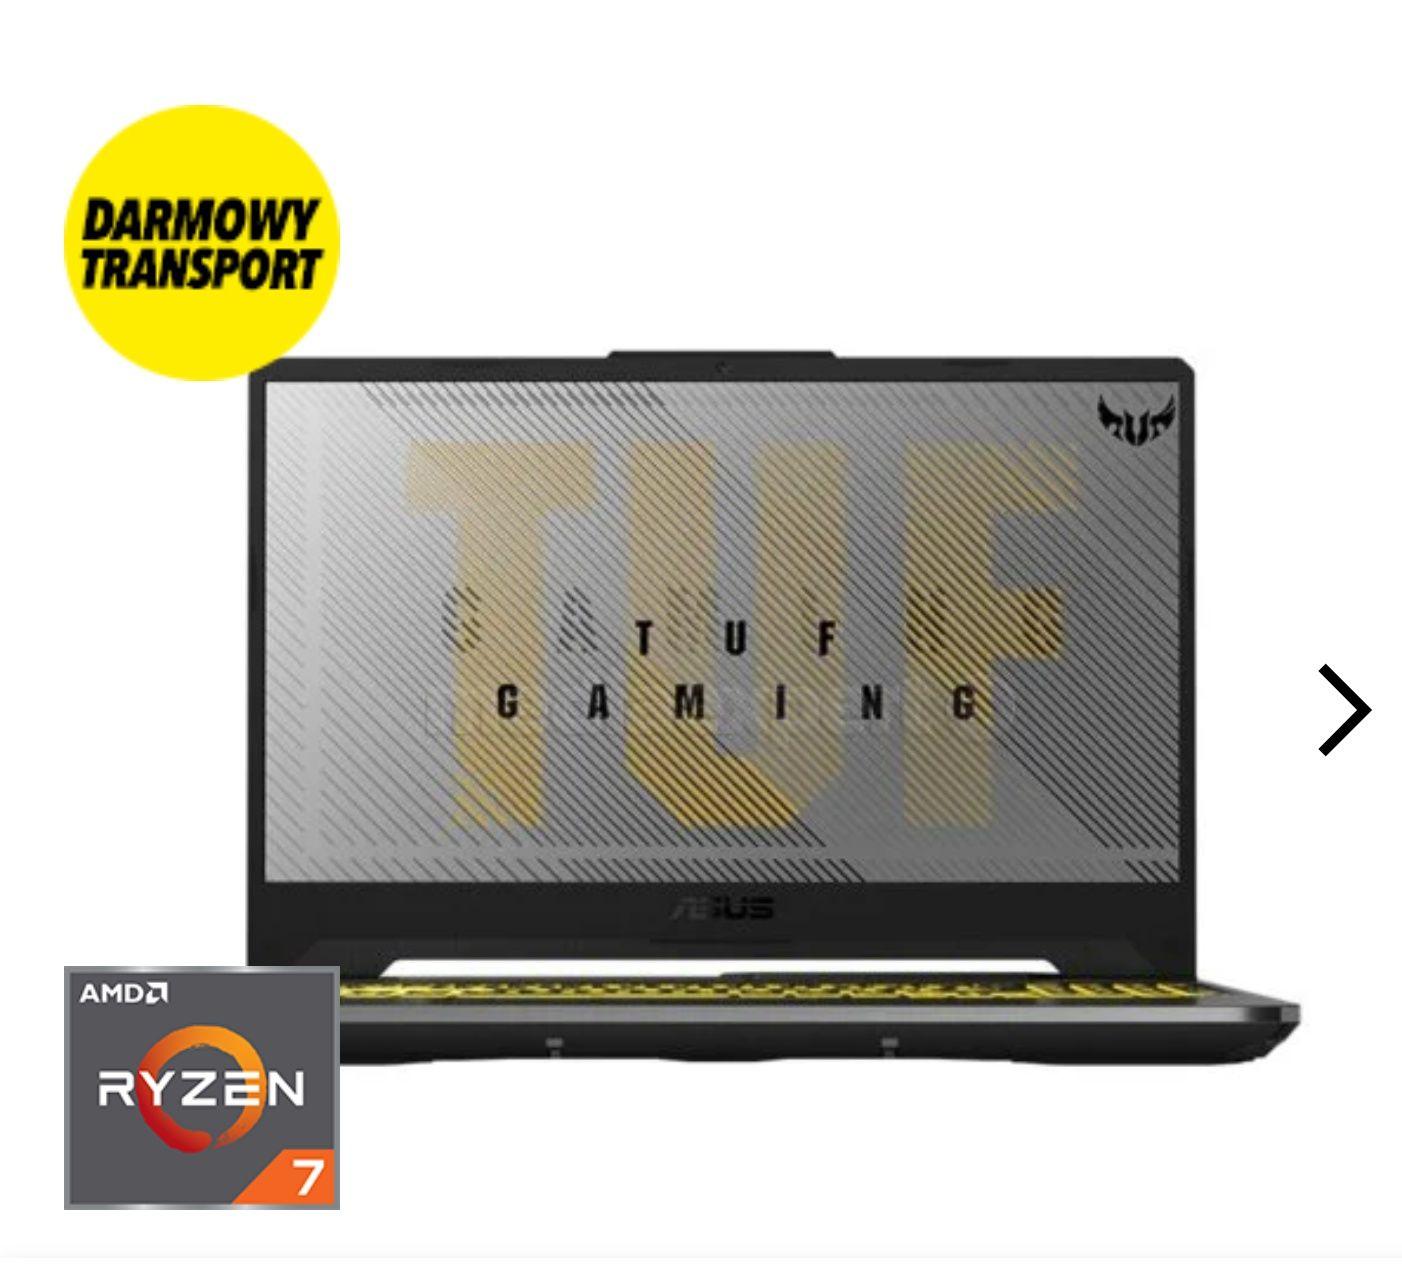 Laptop ASUS Tuf Gaming A15 Ryzen 7 4800H RTX2060 1TB